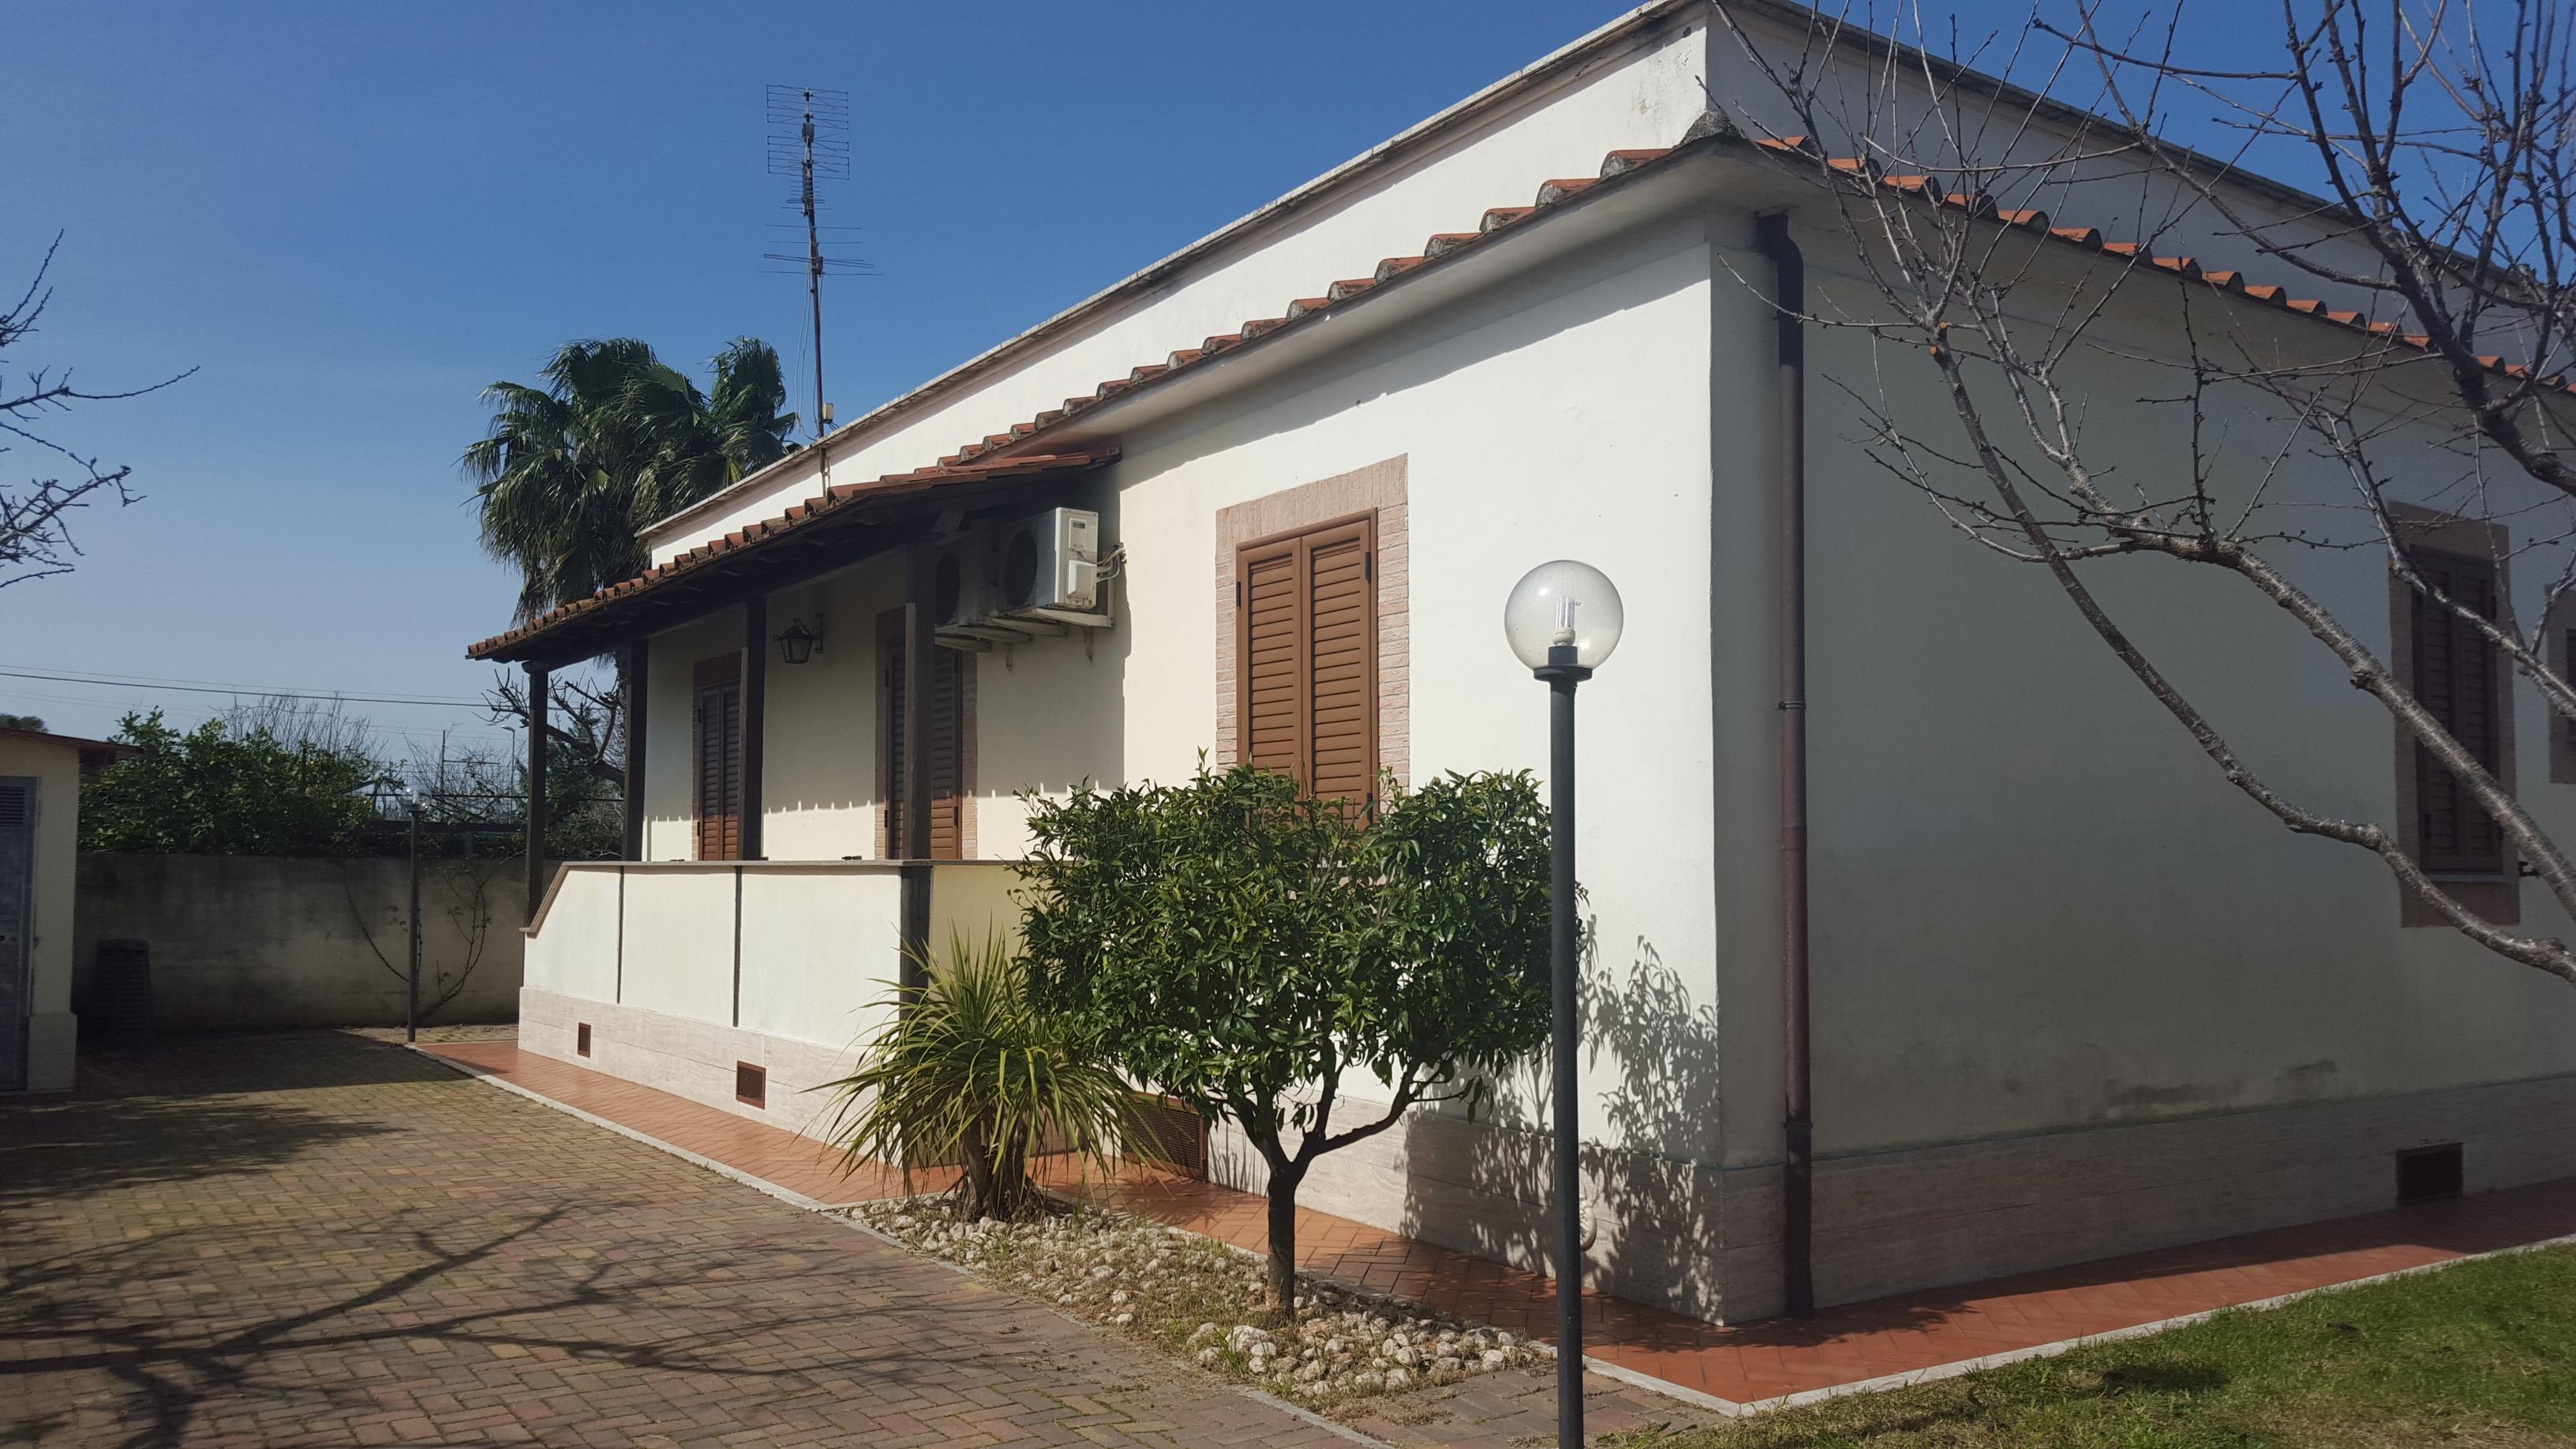 Villa unifamiliare rara opportunita 39 ostia antica via for Affitto ufficio ostia